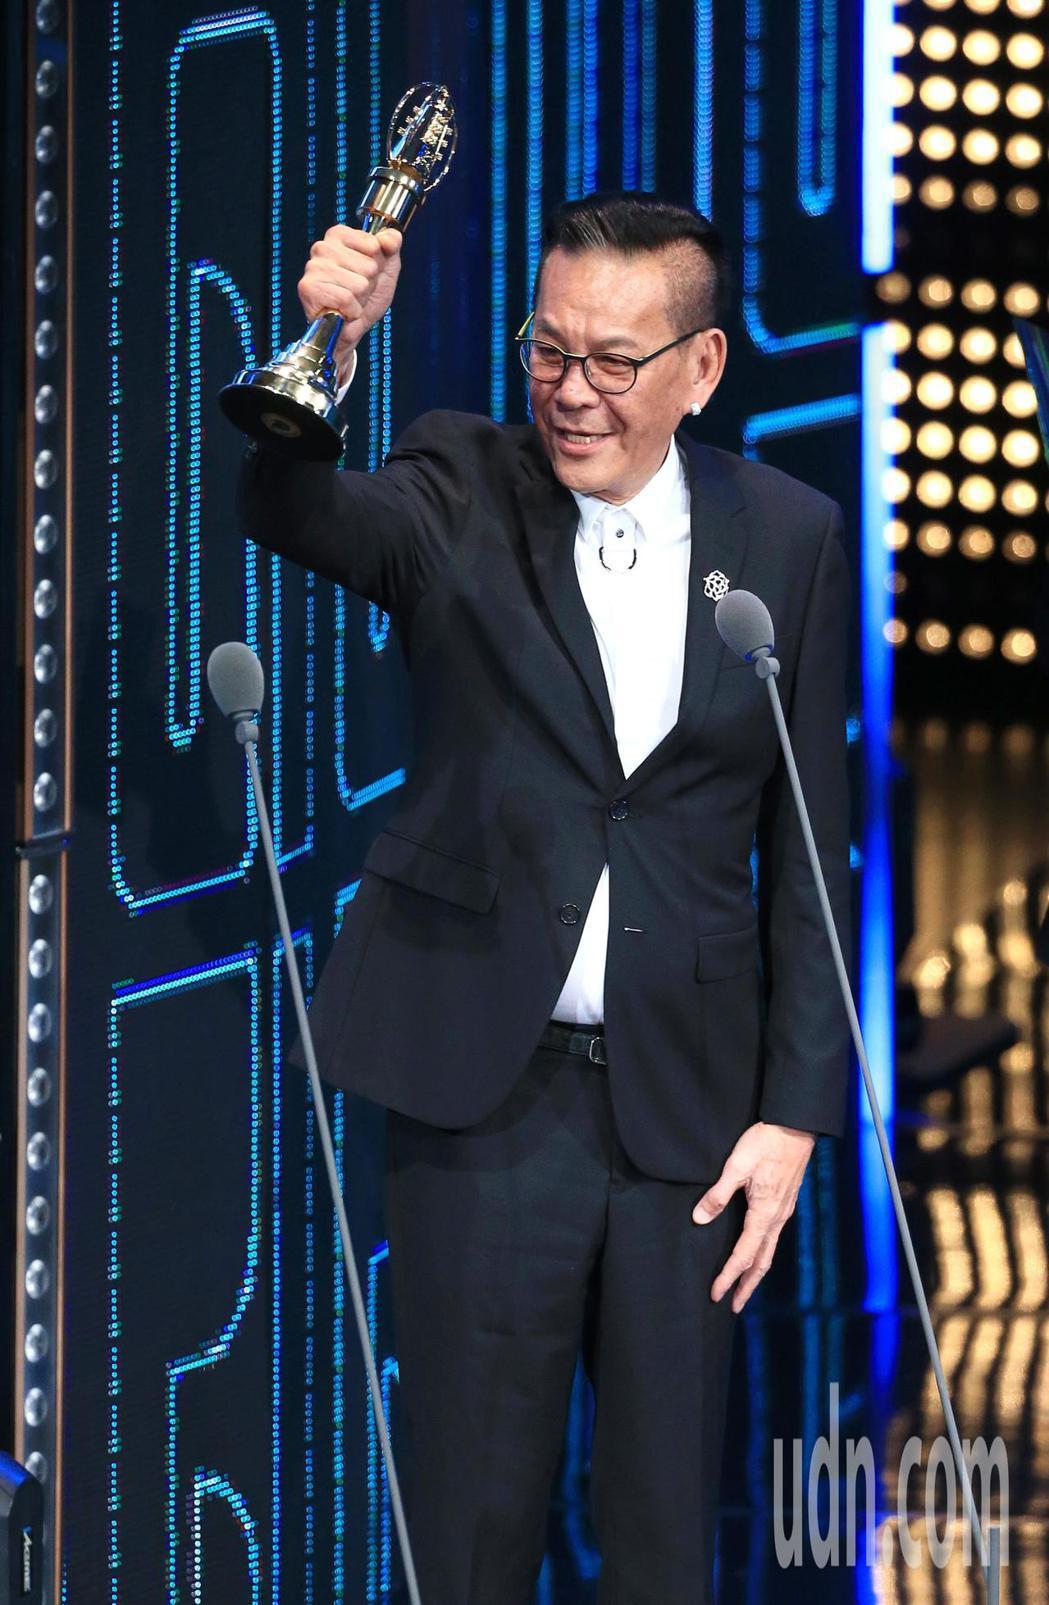 龍劭華獲得戲劇節目男主角獎。記者林伯東/攝影